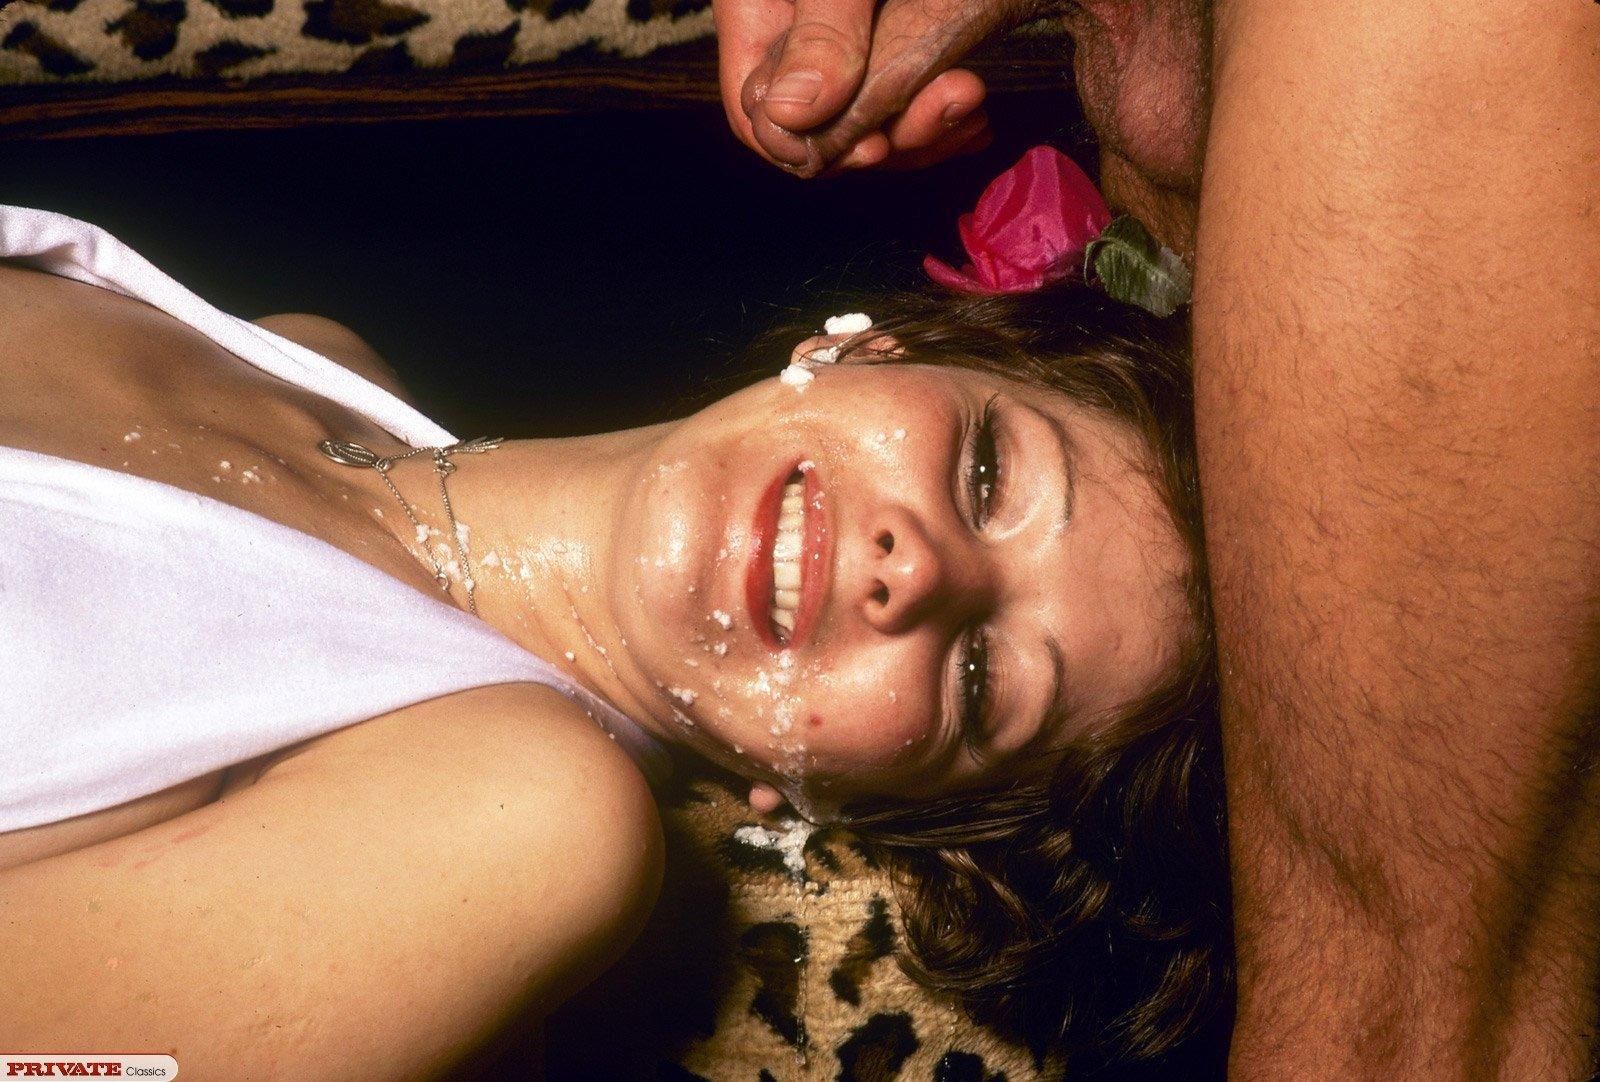 Секс втроем - Порно фото галерея 871926